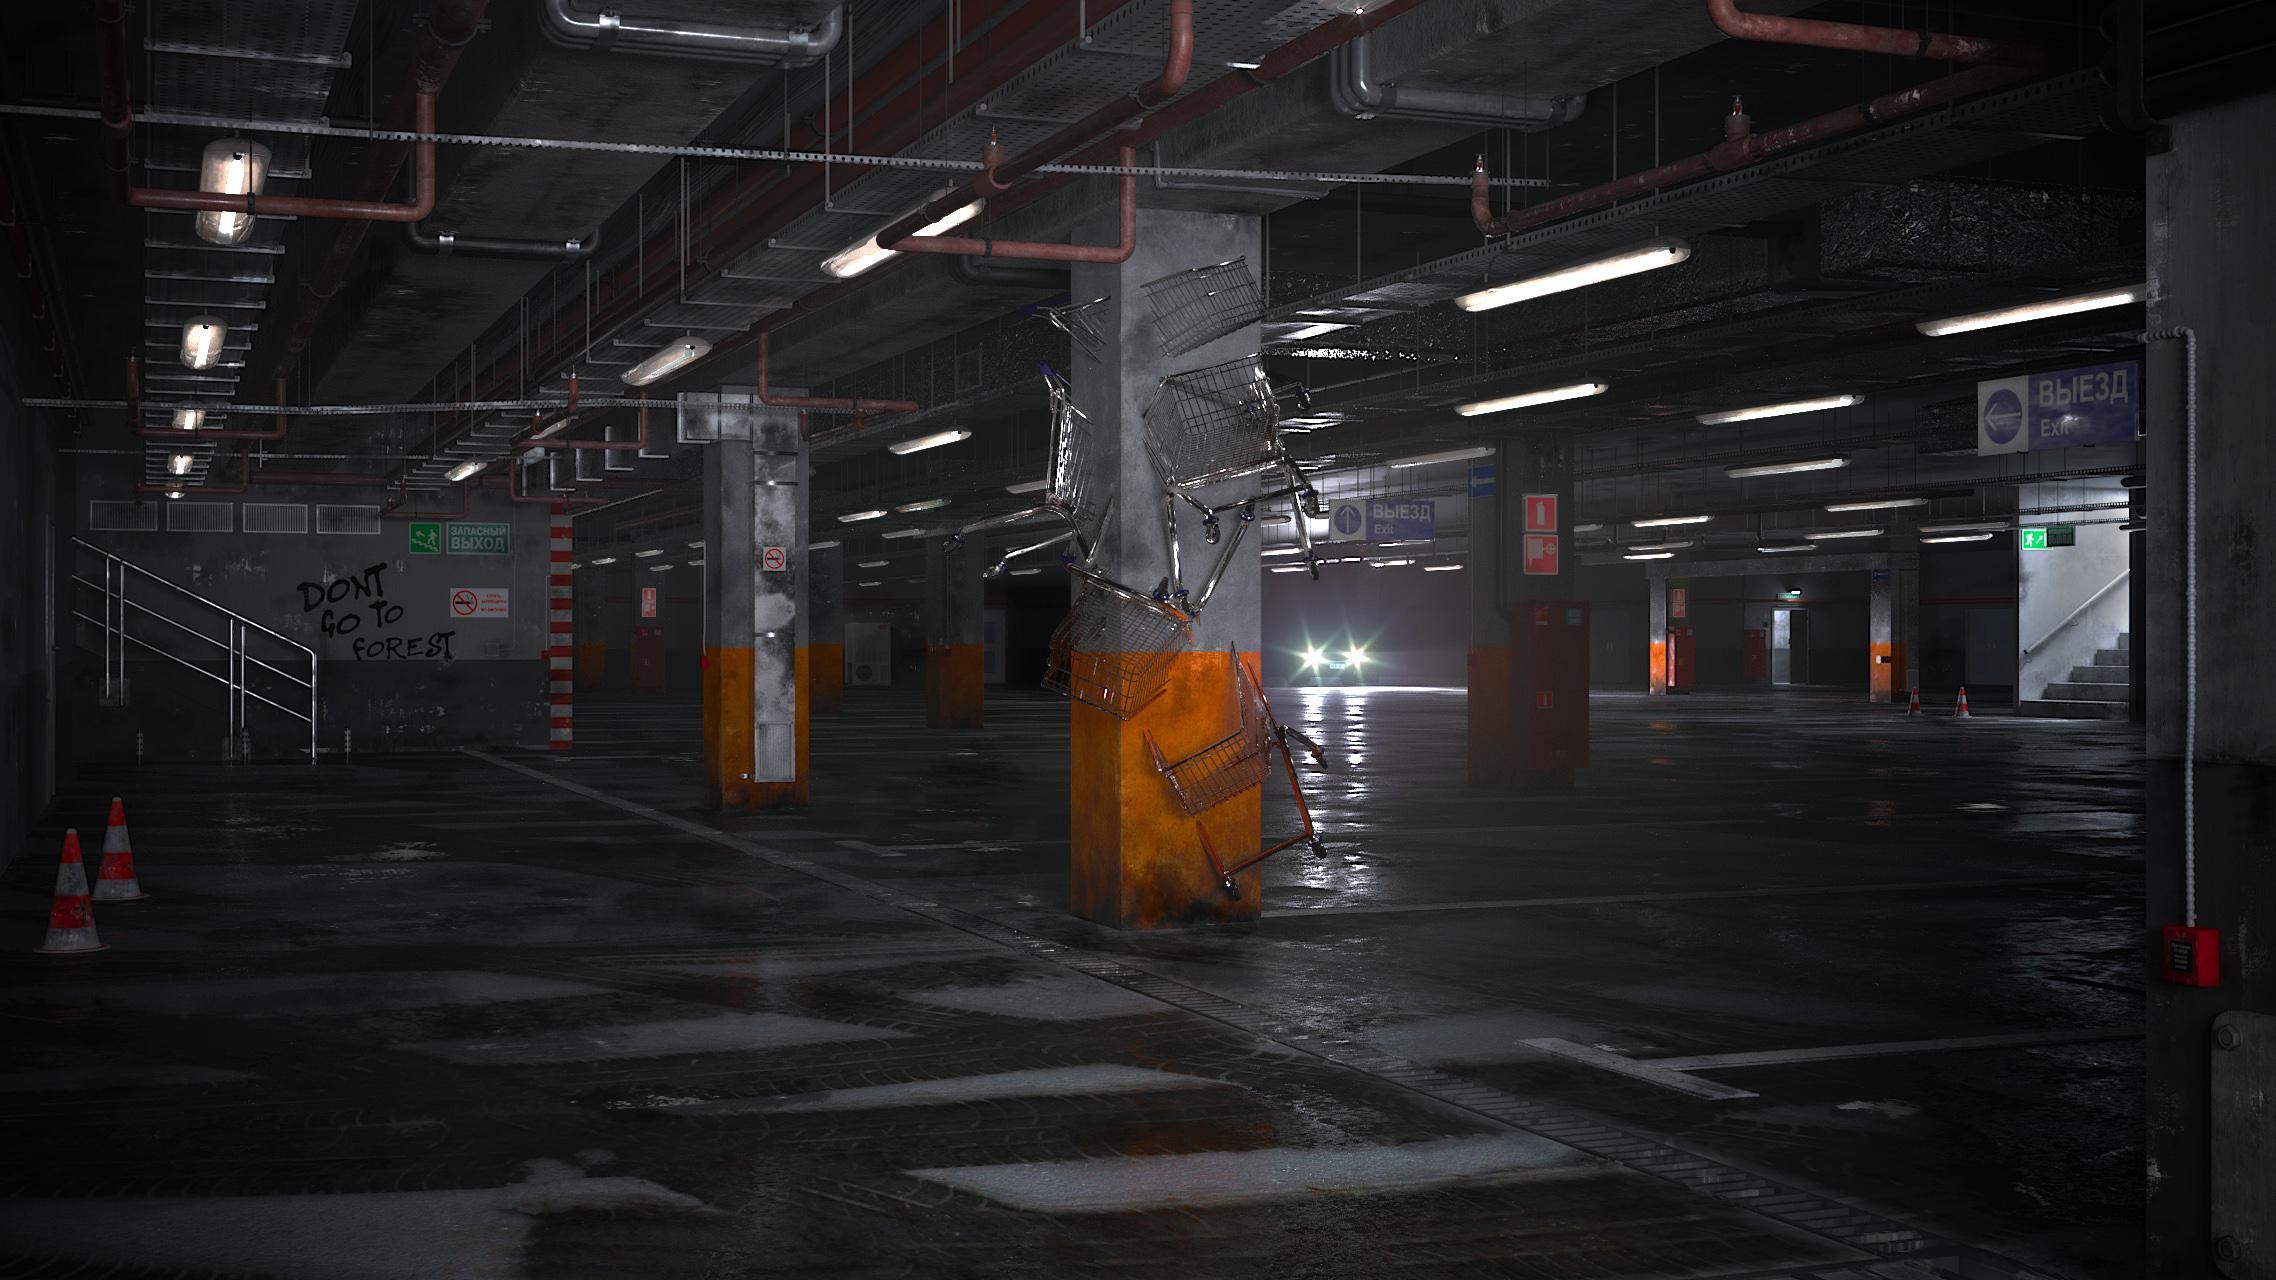 случай на парковке 4.jpg